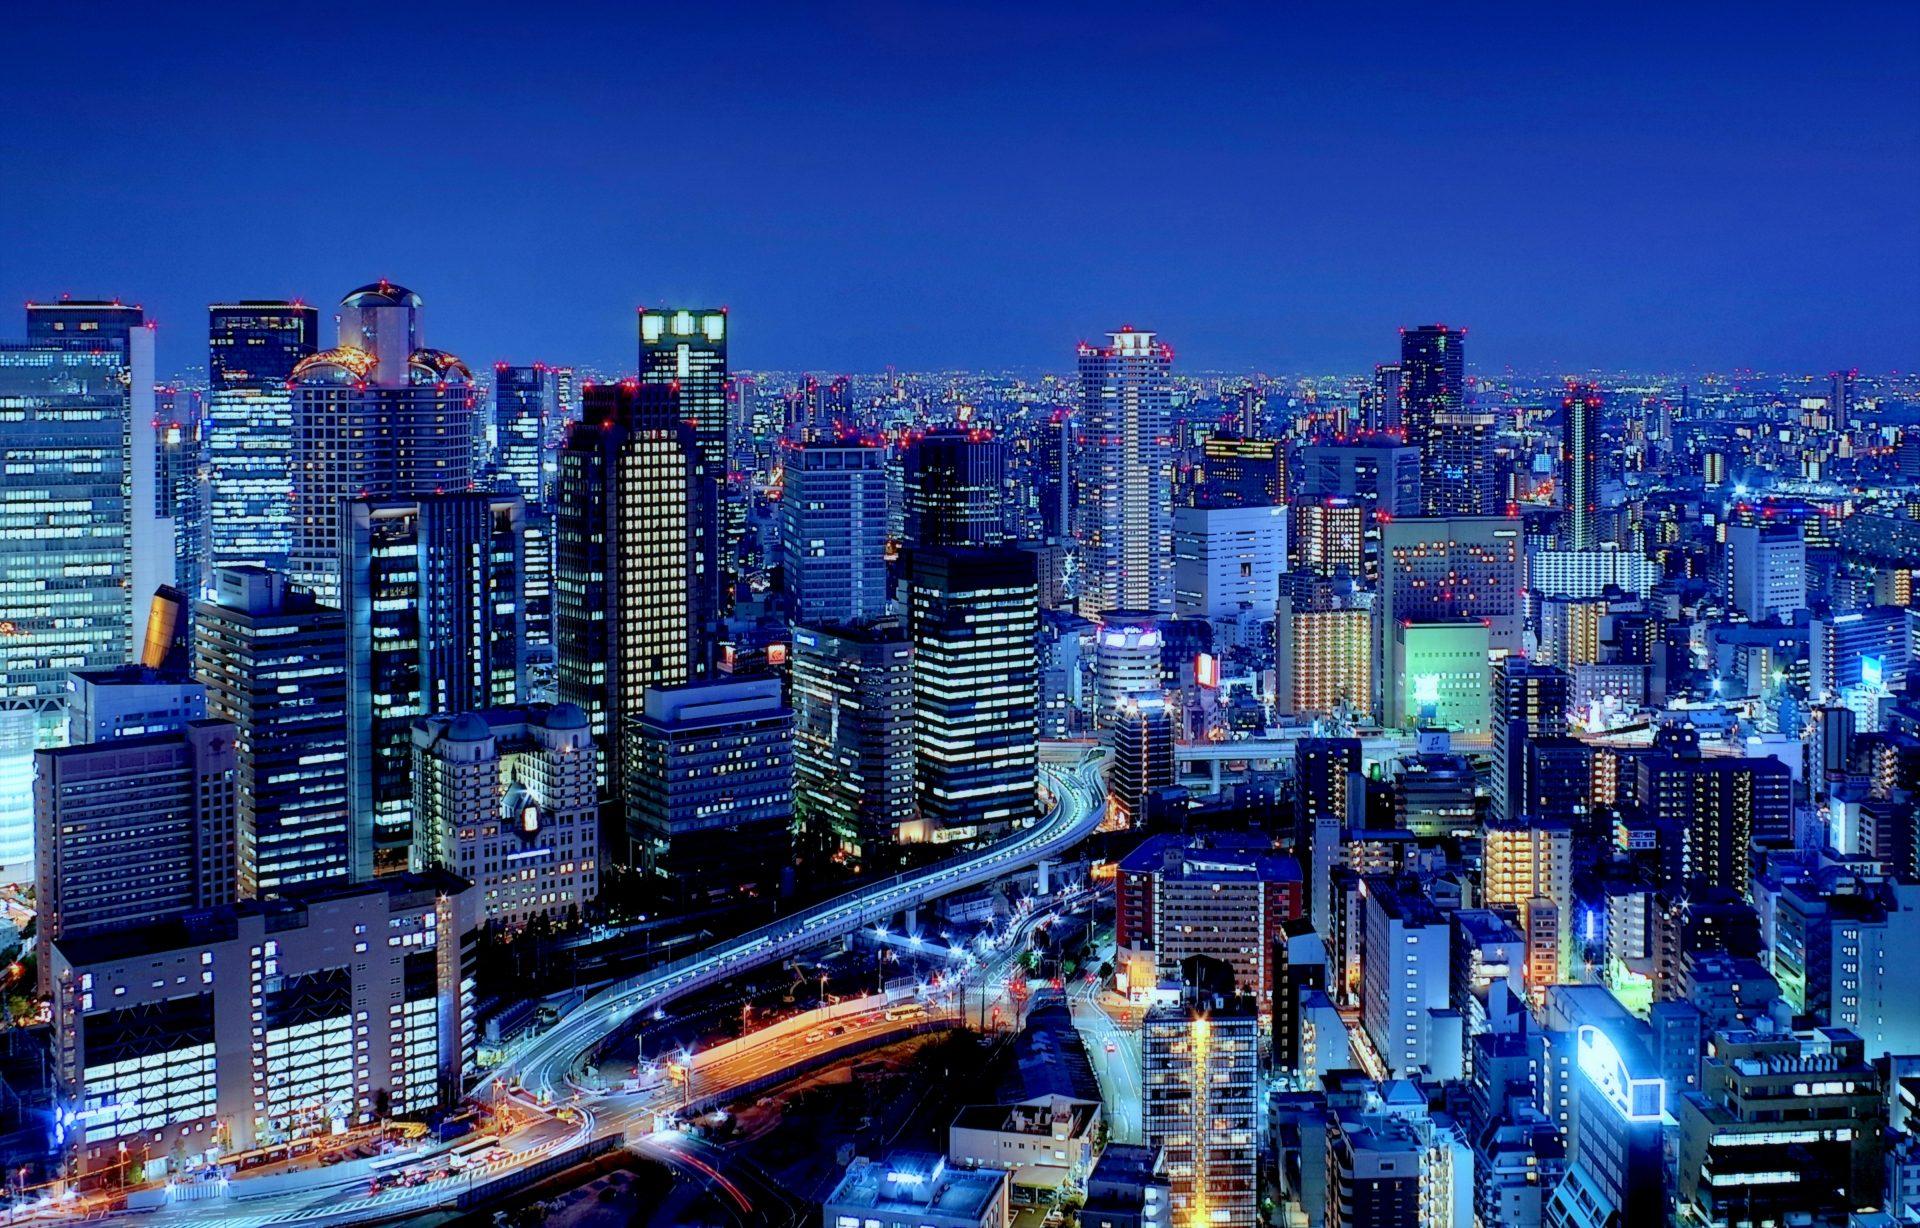 大阪のキャバクラを地域ごとに解説!夜職の求人を探すならこのエリアで